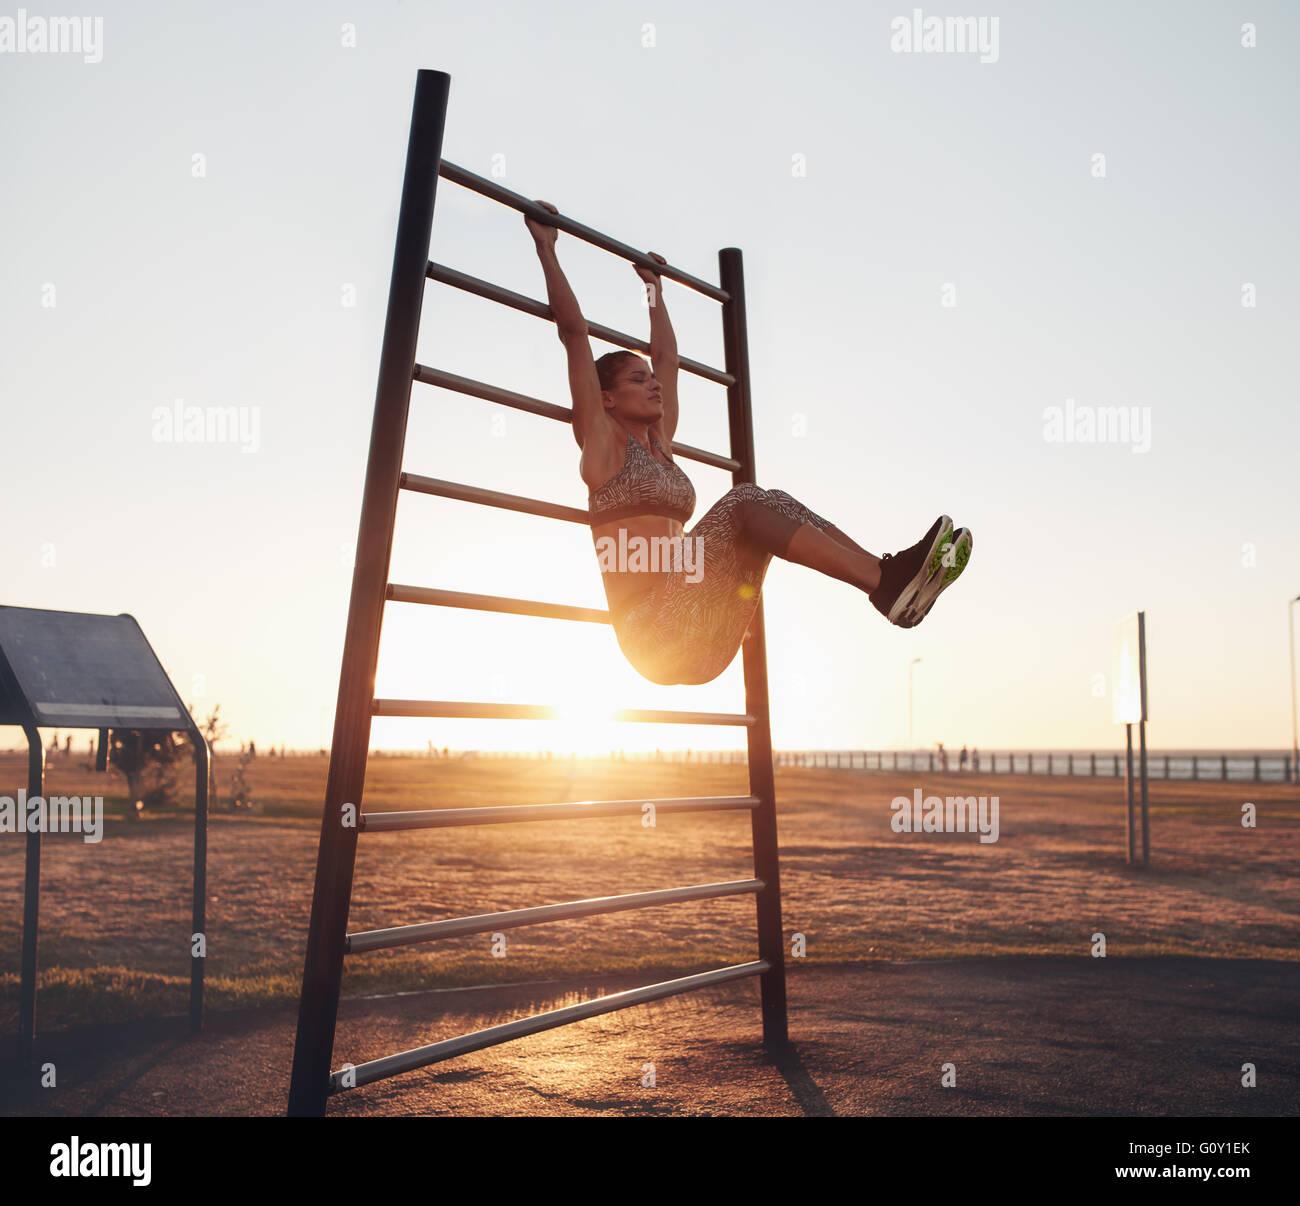 Disparo de longitud completa de joven mujer ejerza sobre barras de pared con las piernas hacia arriba. Fitness mujer Imagen De Stock